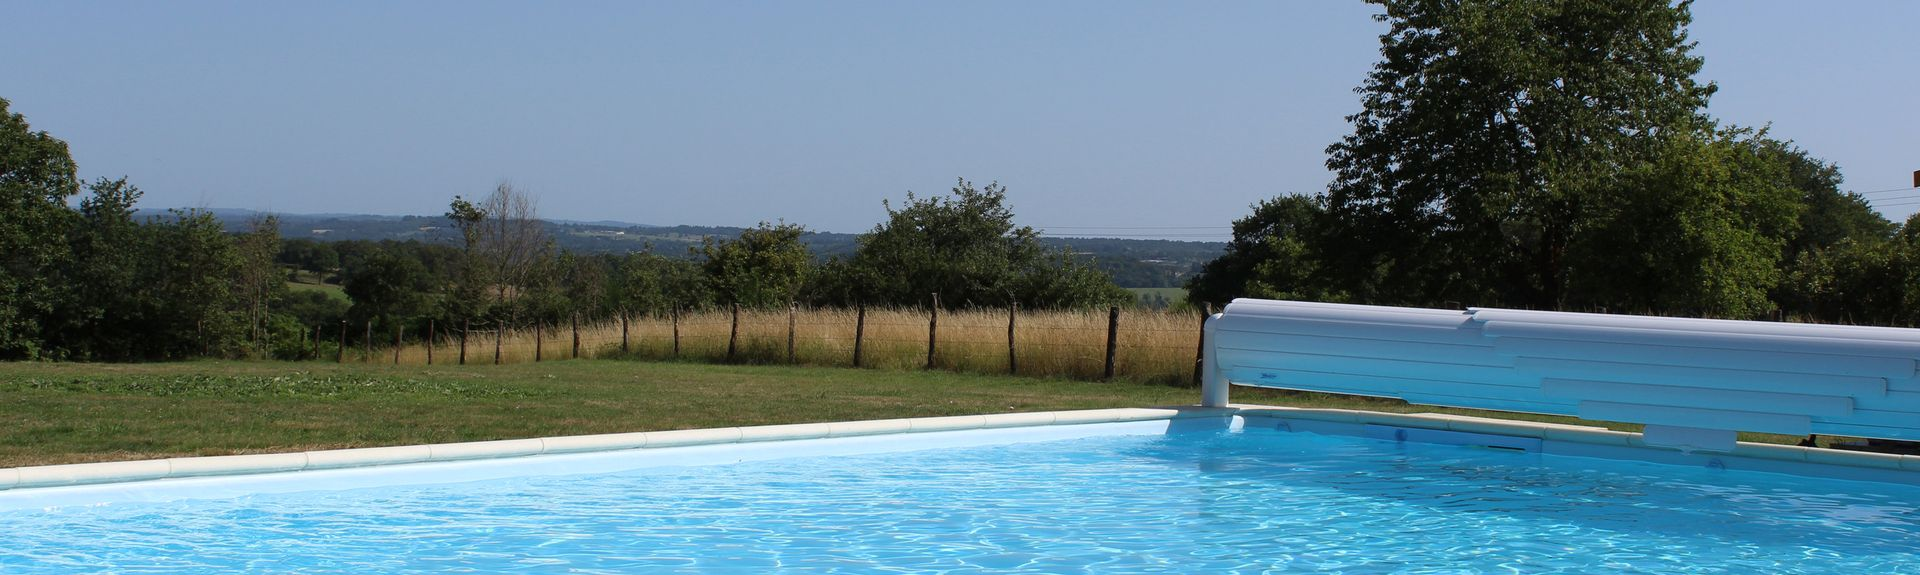 Confolens, Charente, Francia